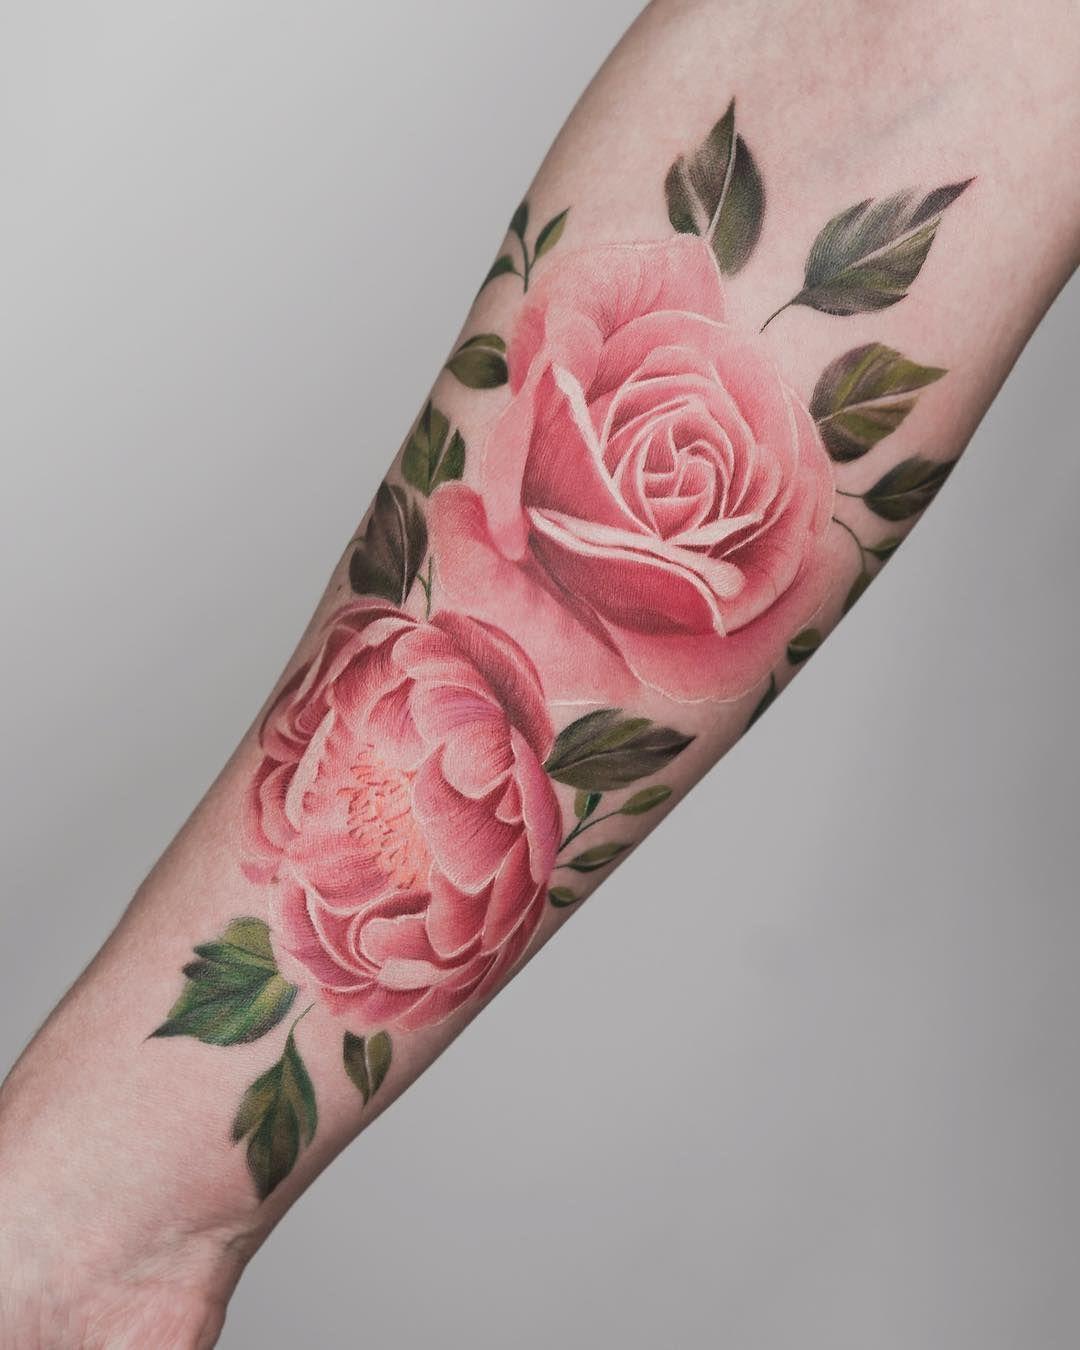 Tatuagem Braco Floral Colorida Tritoan Seventhday Tatuagem